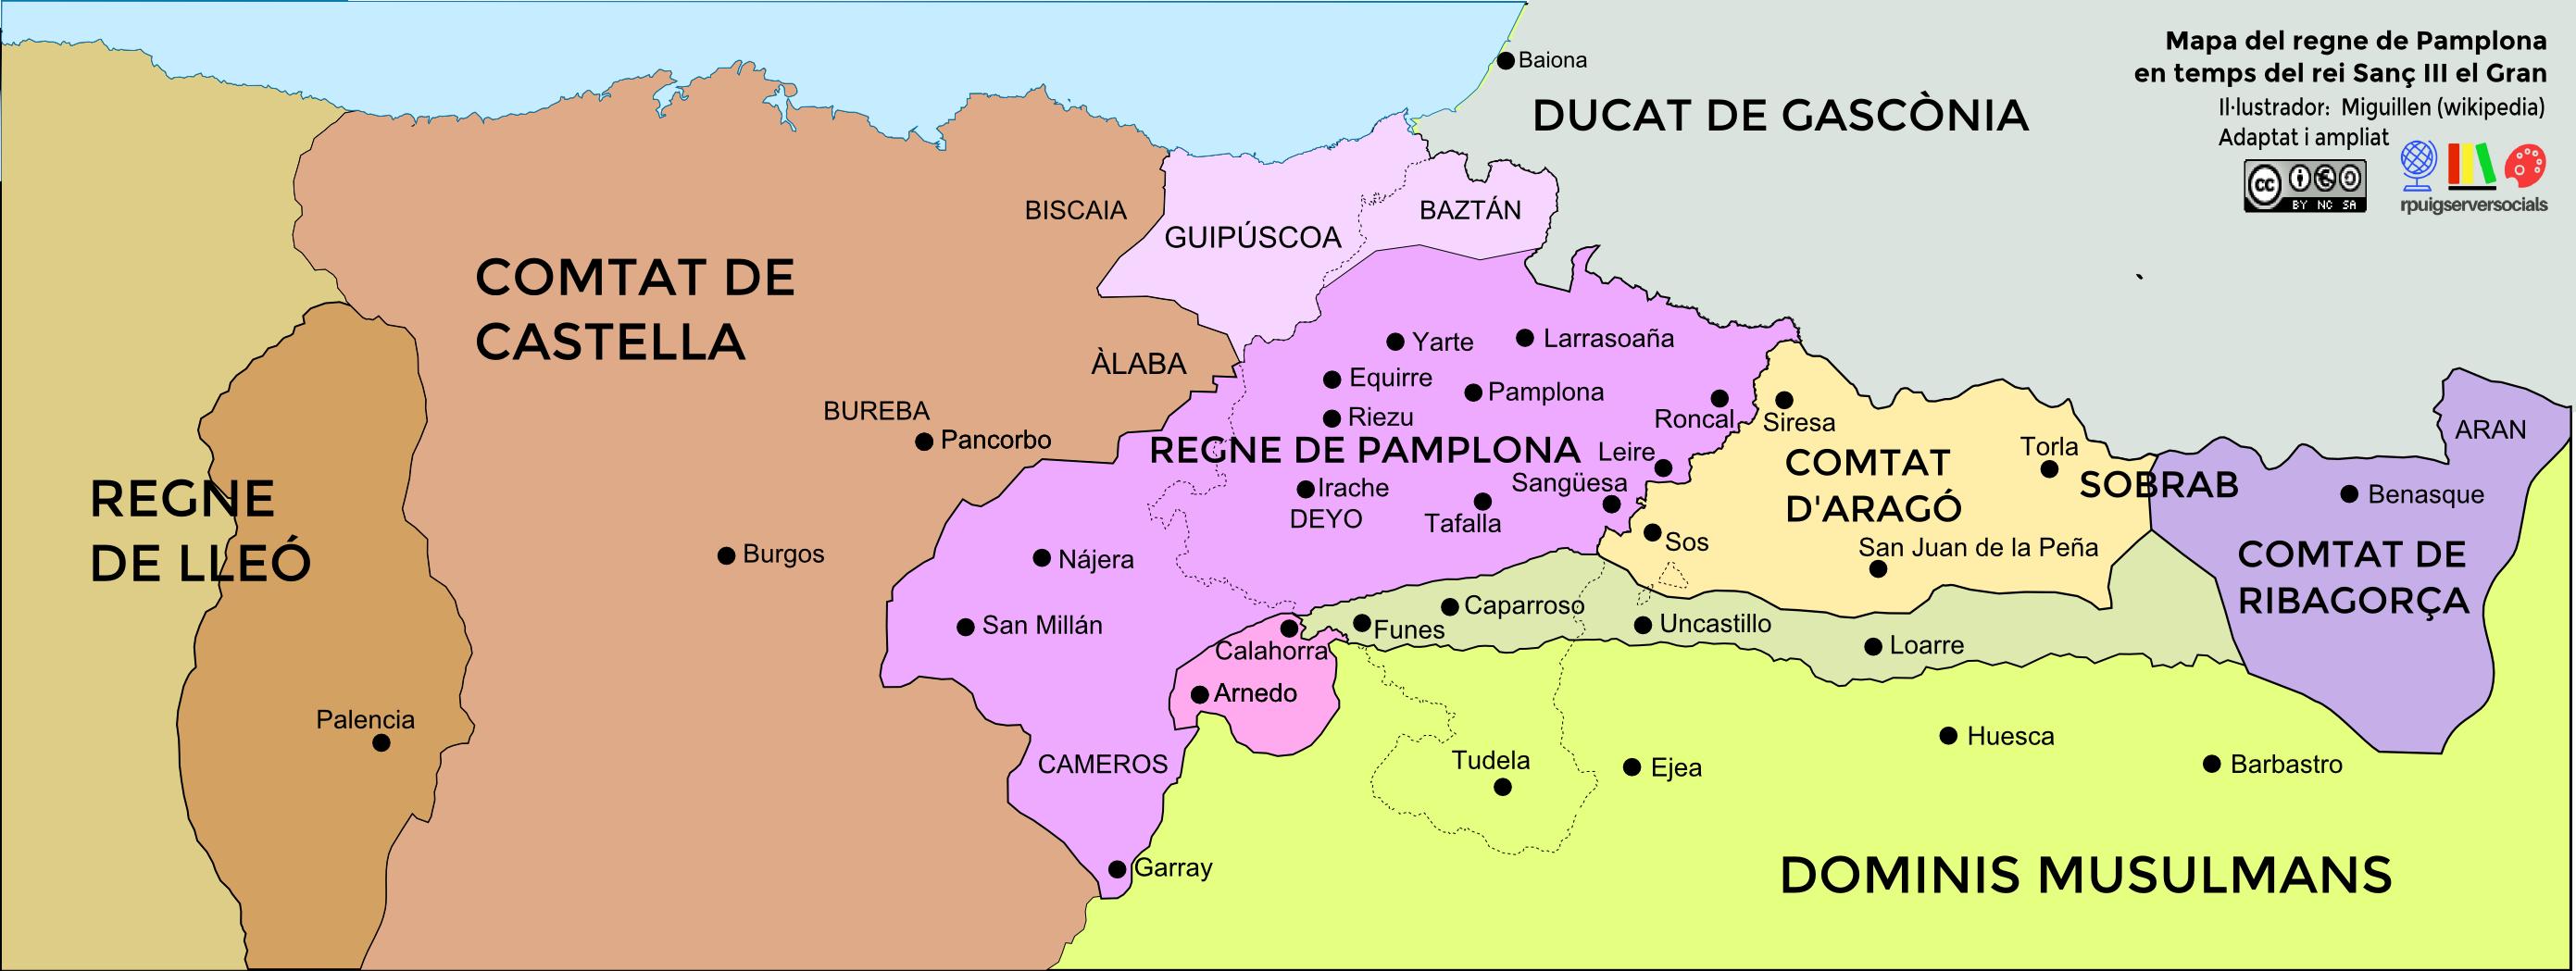 mapa_regen_pamplona_sançiii_segleXI